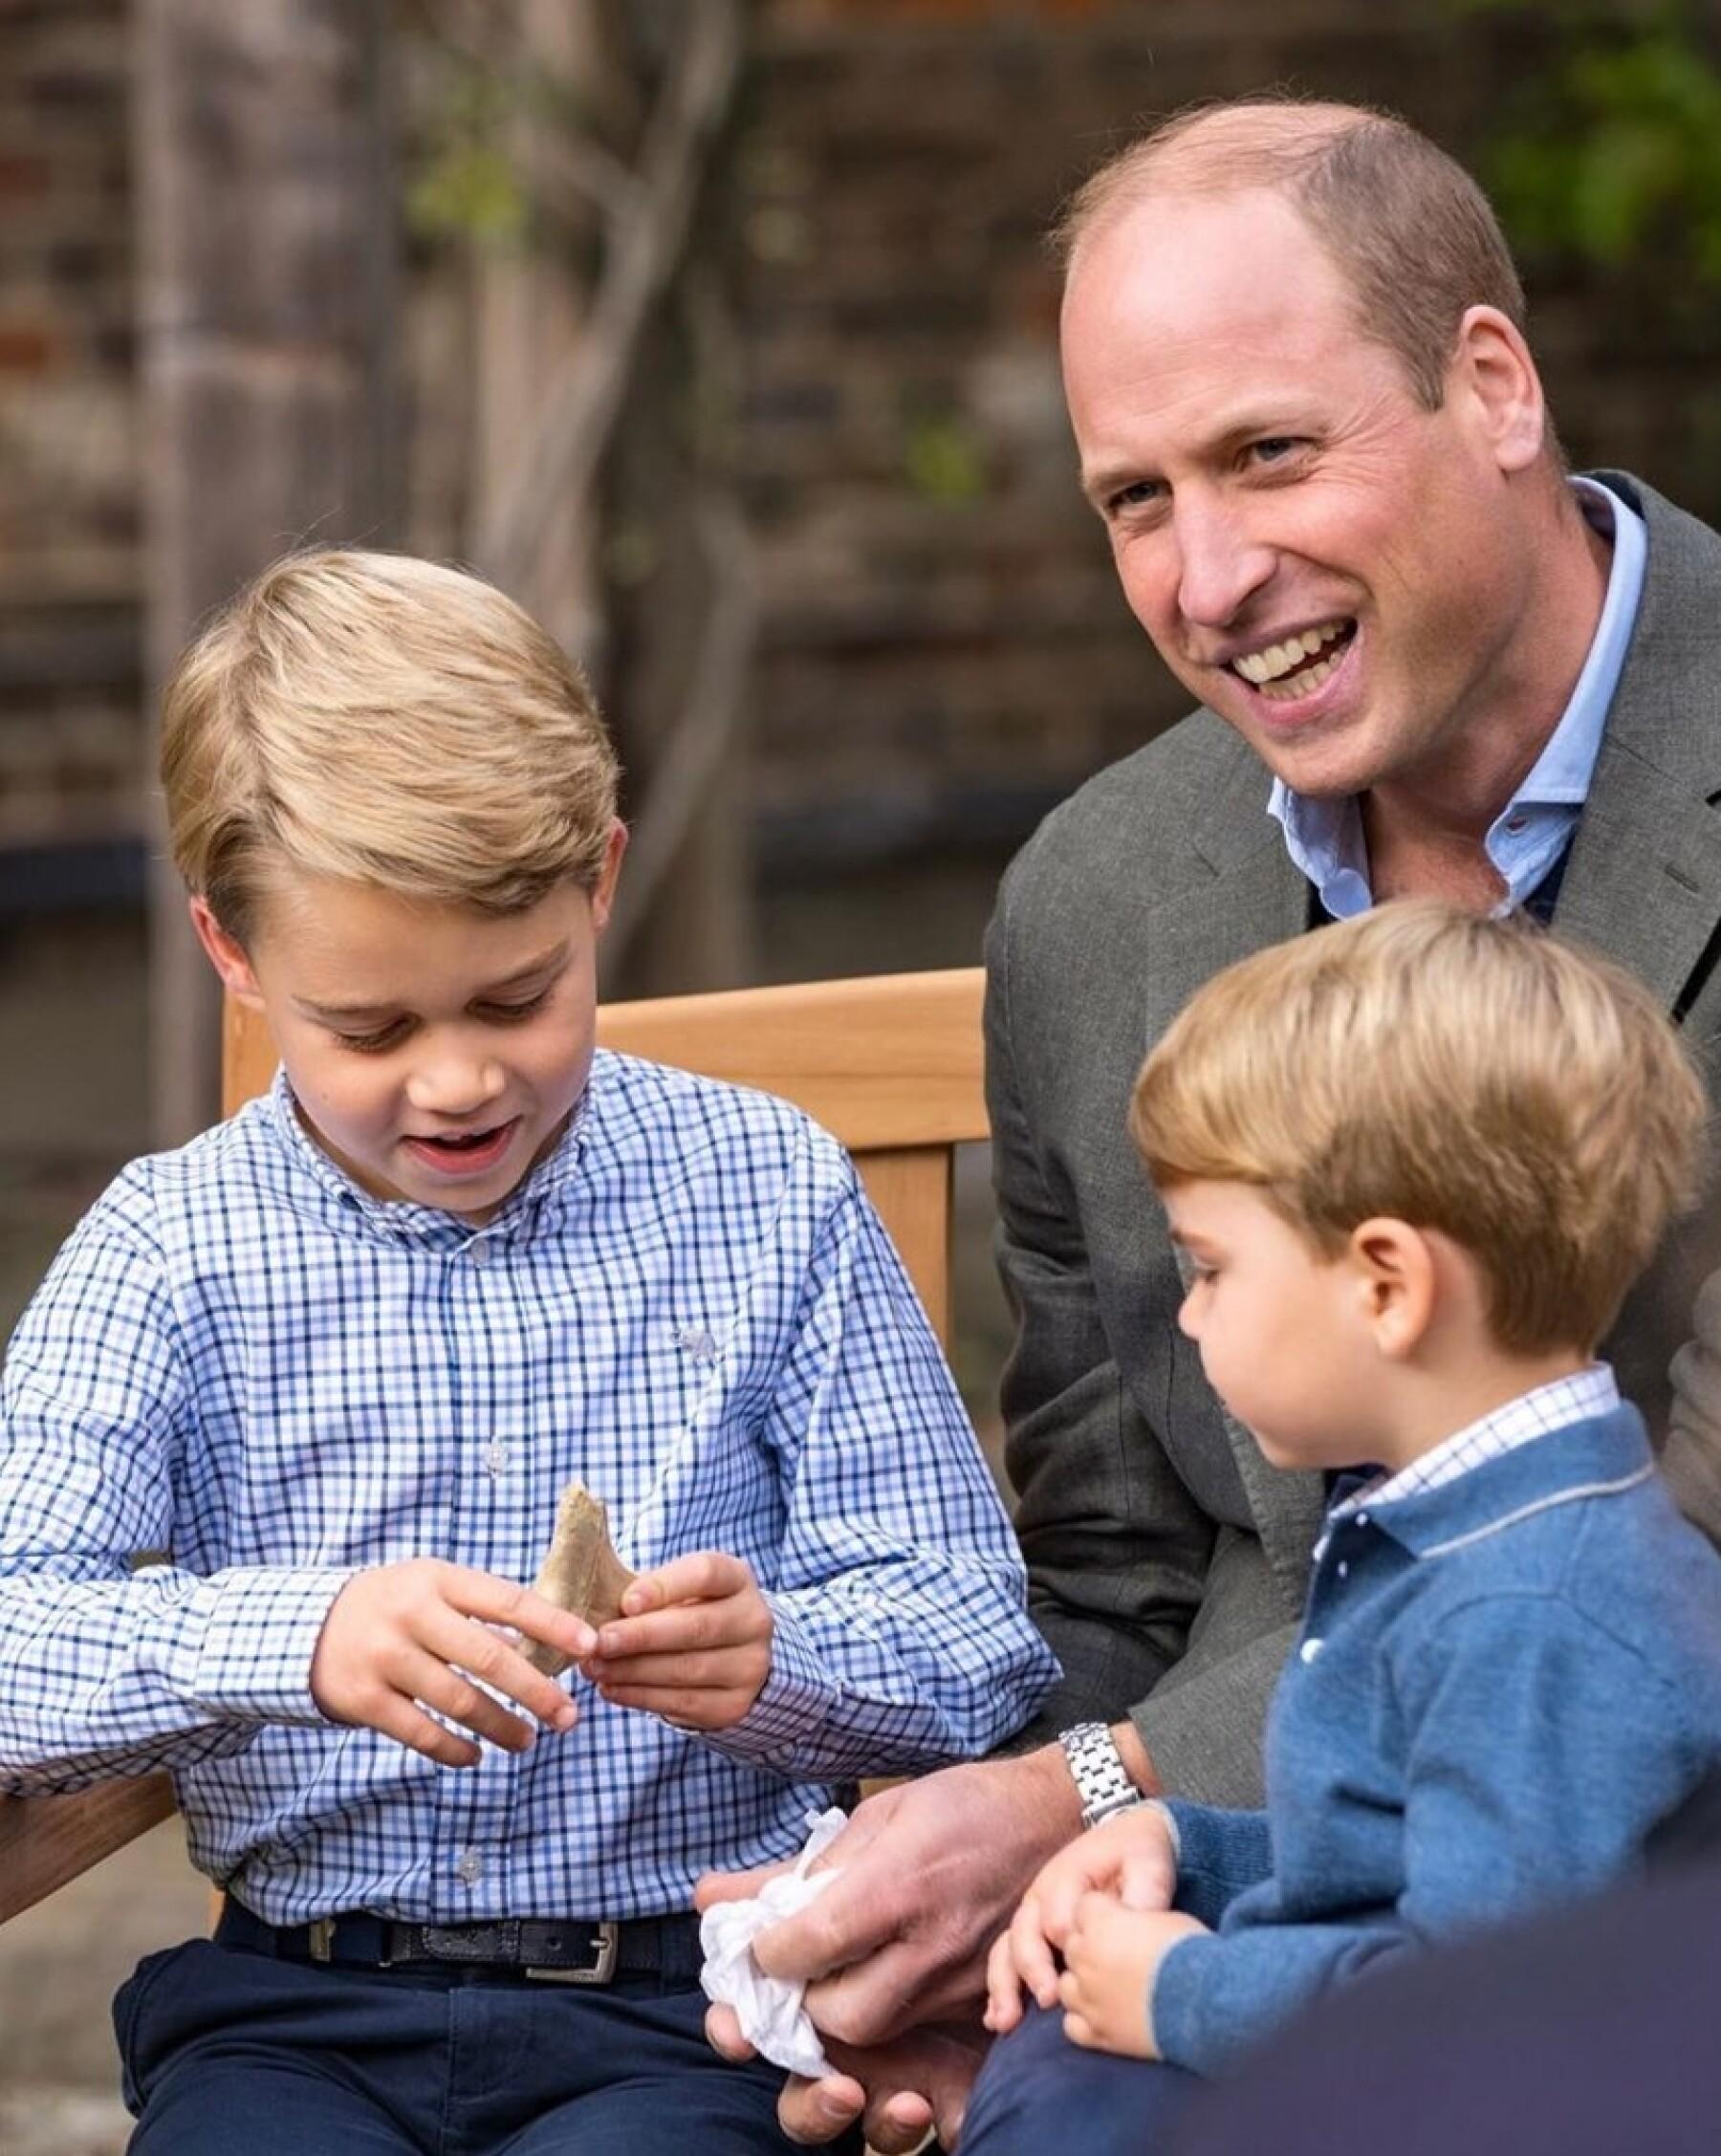 Príncipe George, príncipe William y príncipe Louis